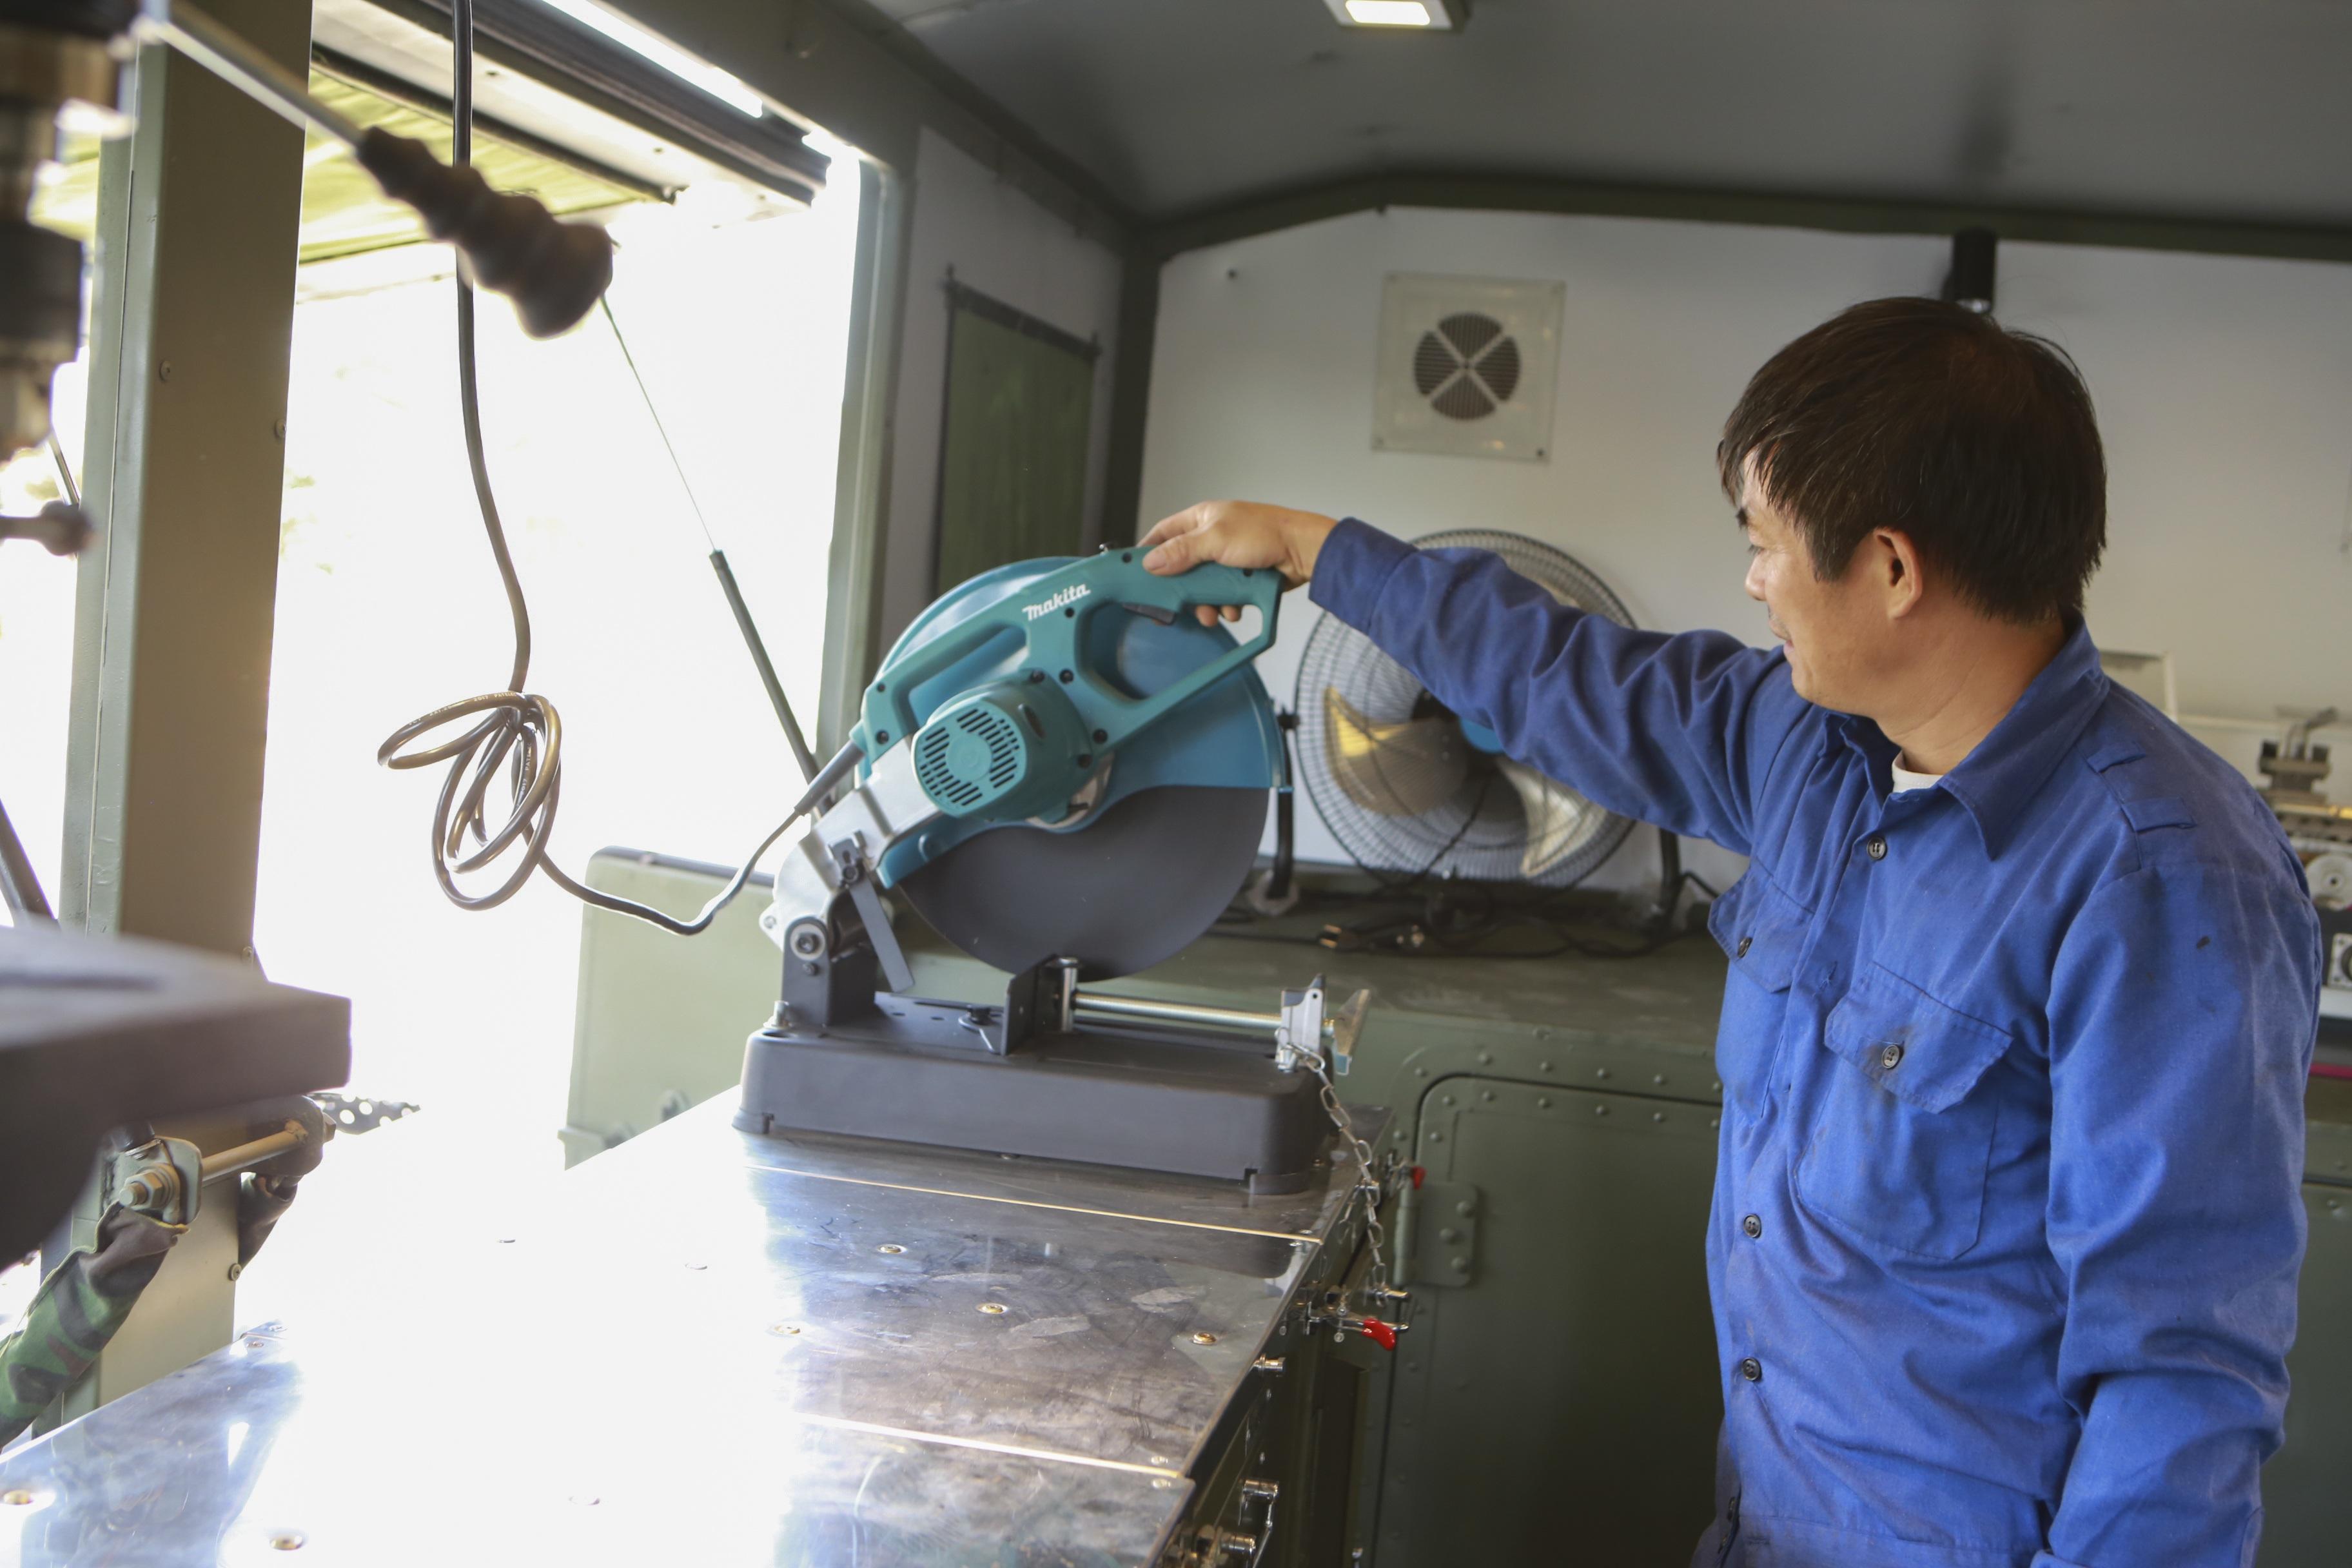 Khám phá xe công trình sửa chữa cơ khí tổng hợp của Quân đội Nhân dân Việt Nam - 4